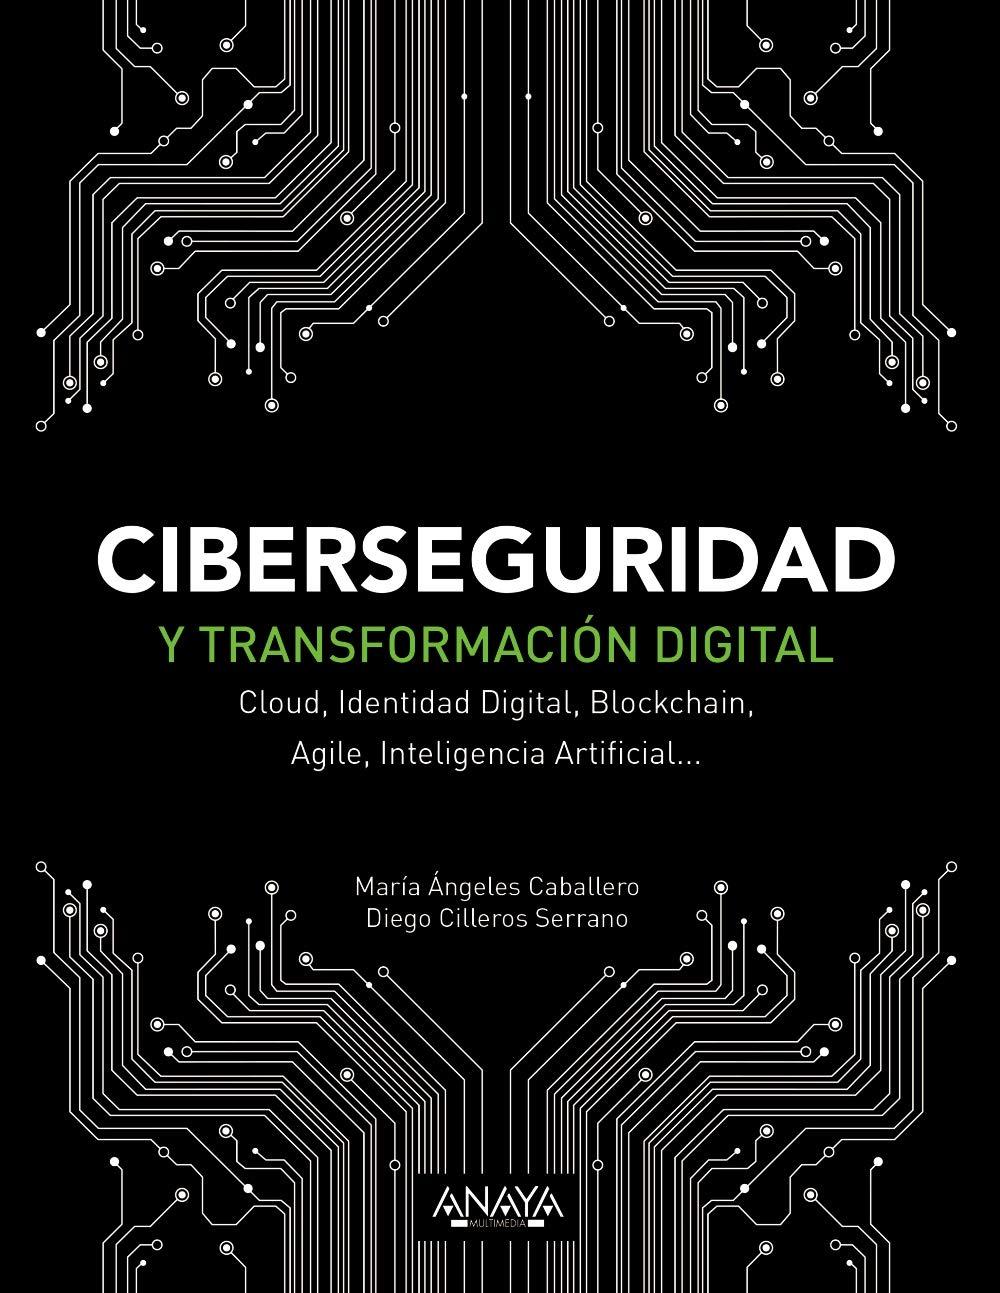 Ciberseguridad y transformación digital: Cloud Identidad Digital Blockchain Agile Inteligencia Artificial... (Títulos Especiales)